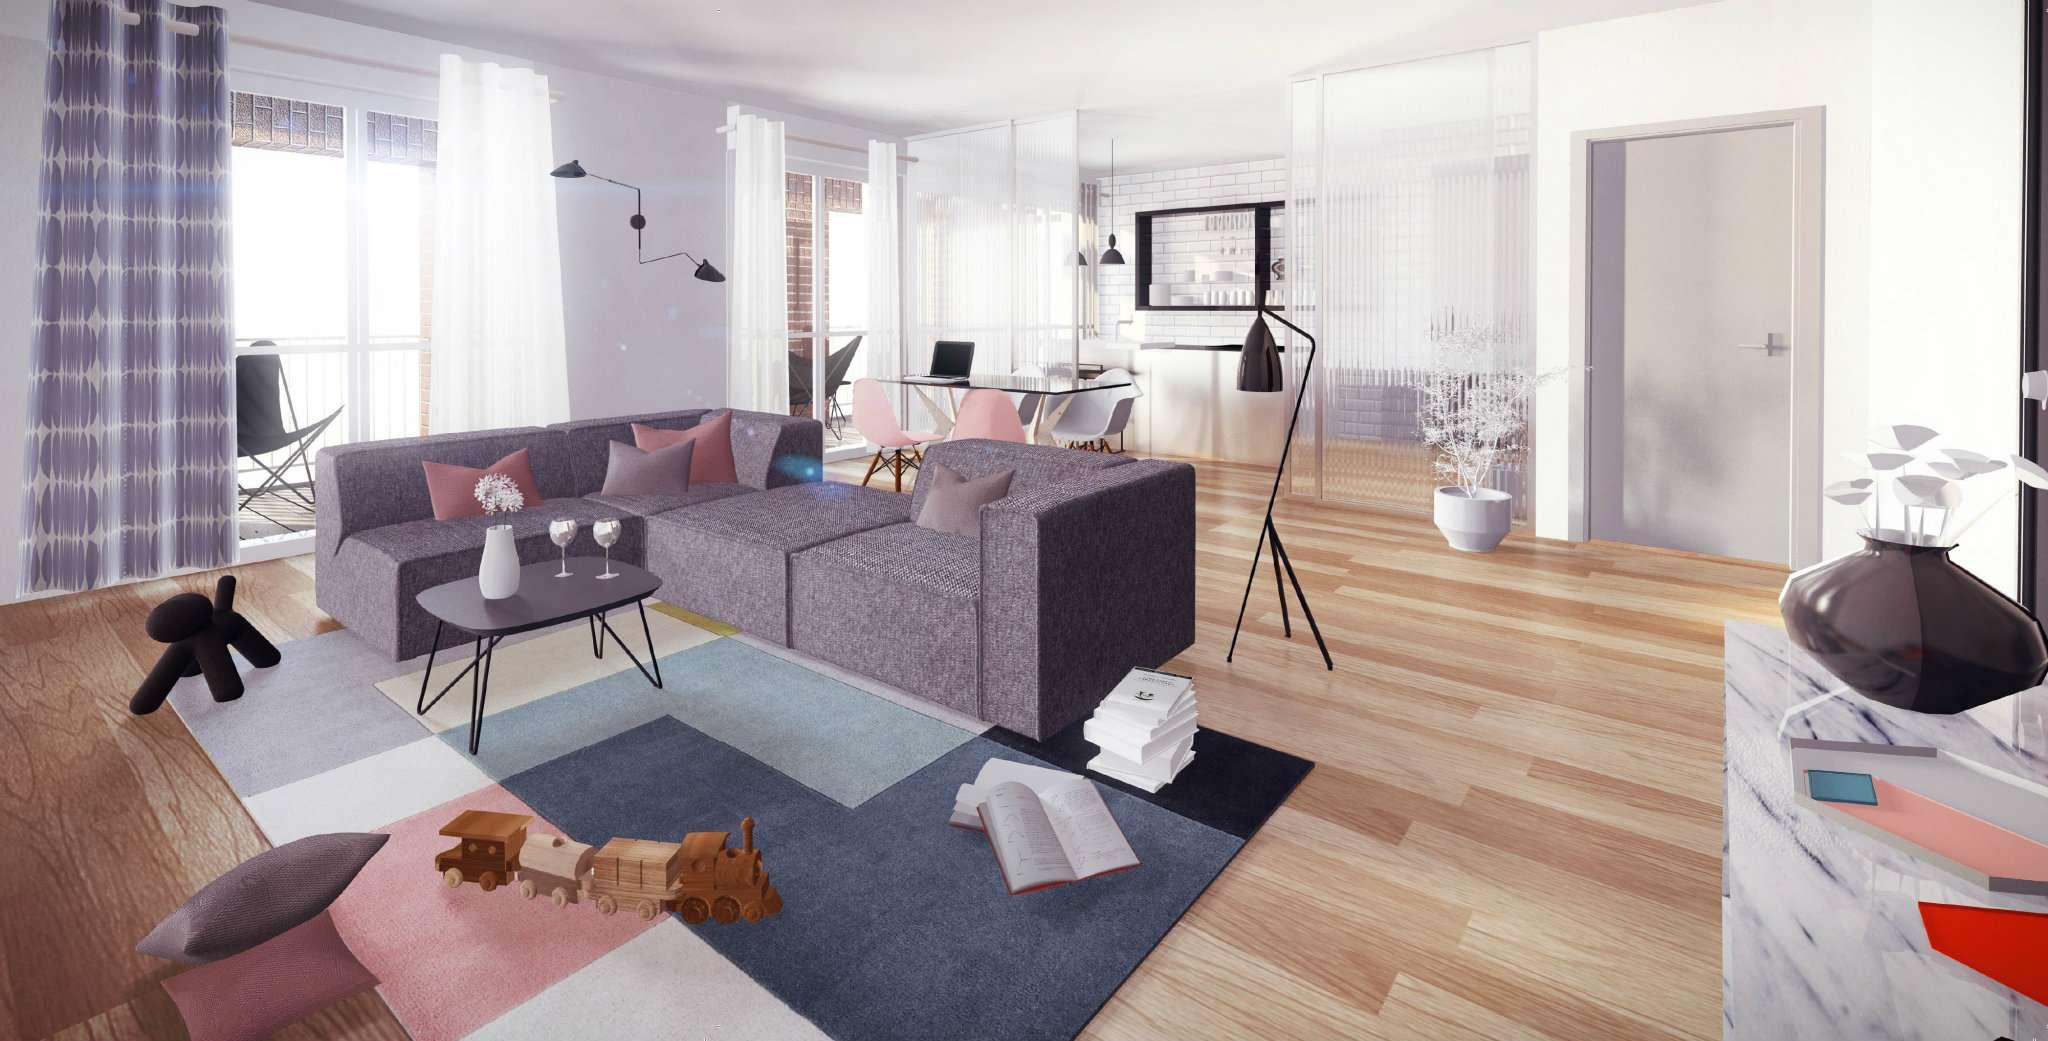 Appartamento in vendita a Cesena, 4 locali, prezzo € 288.000 | CambioCasa.it